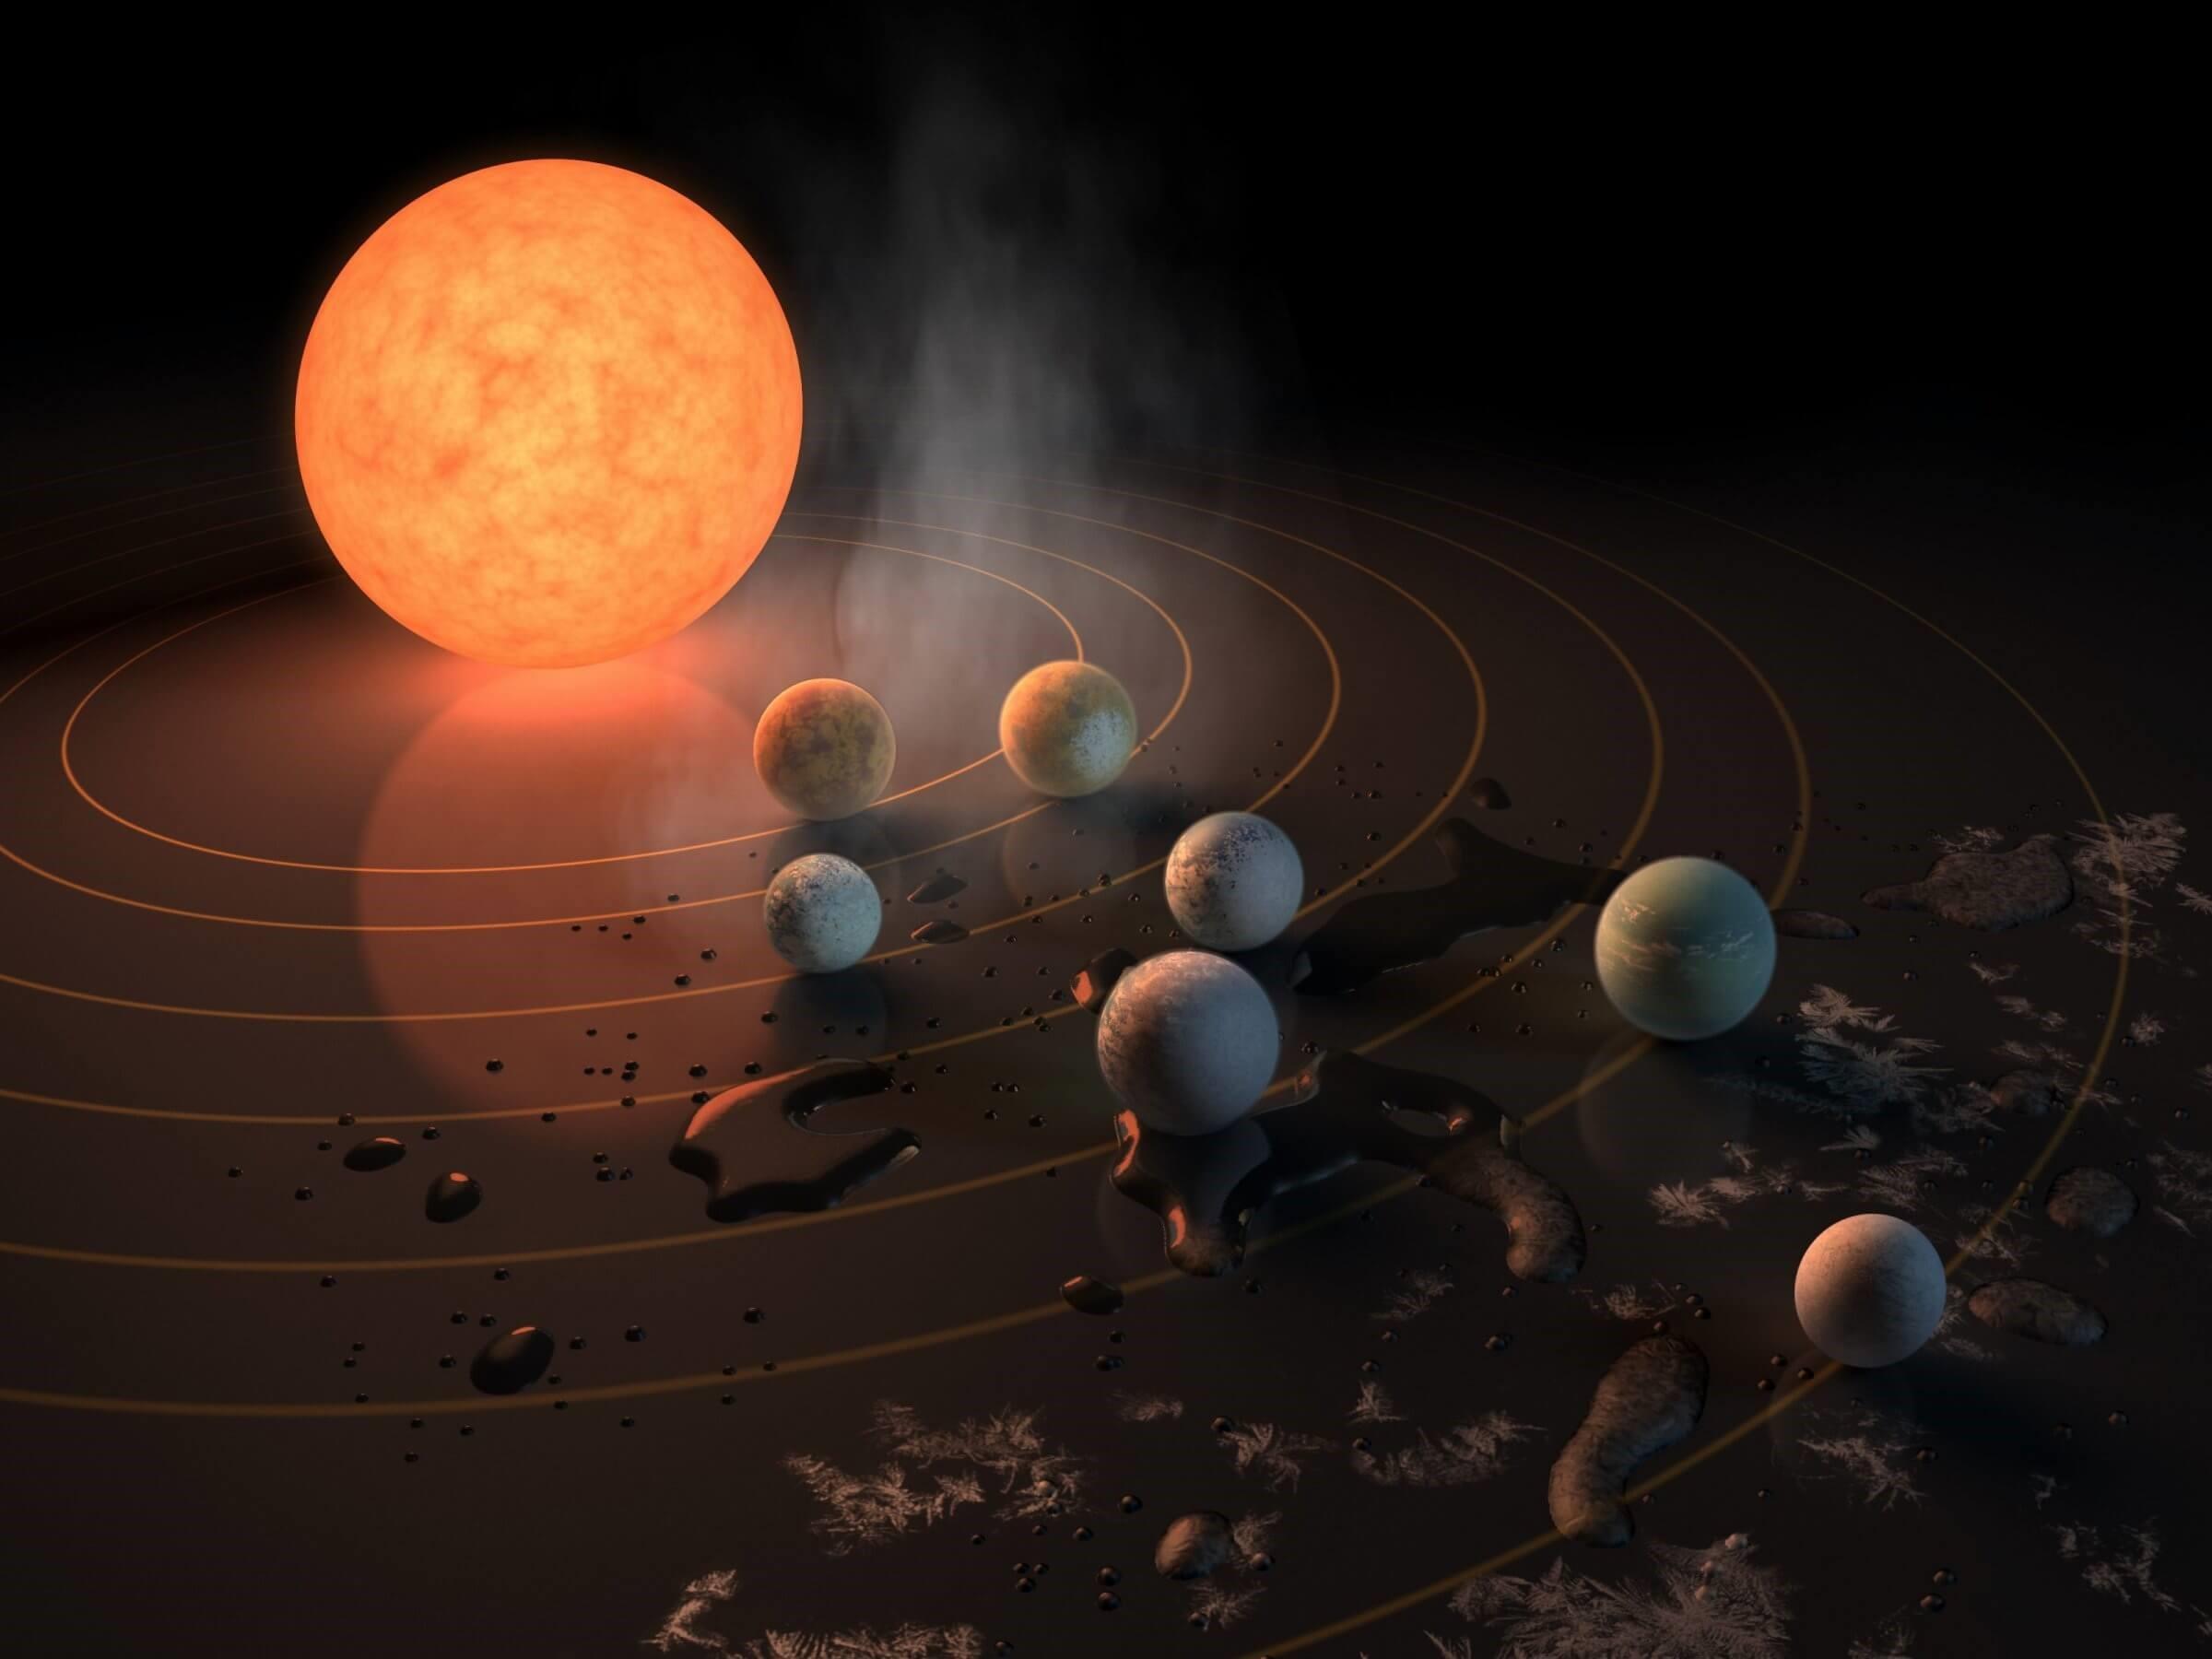 Почему сложно увидеть землеподобные планеты